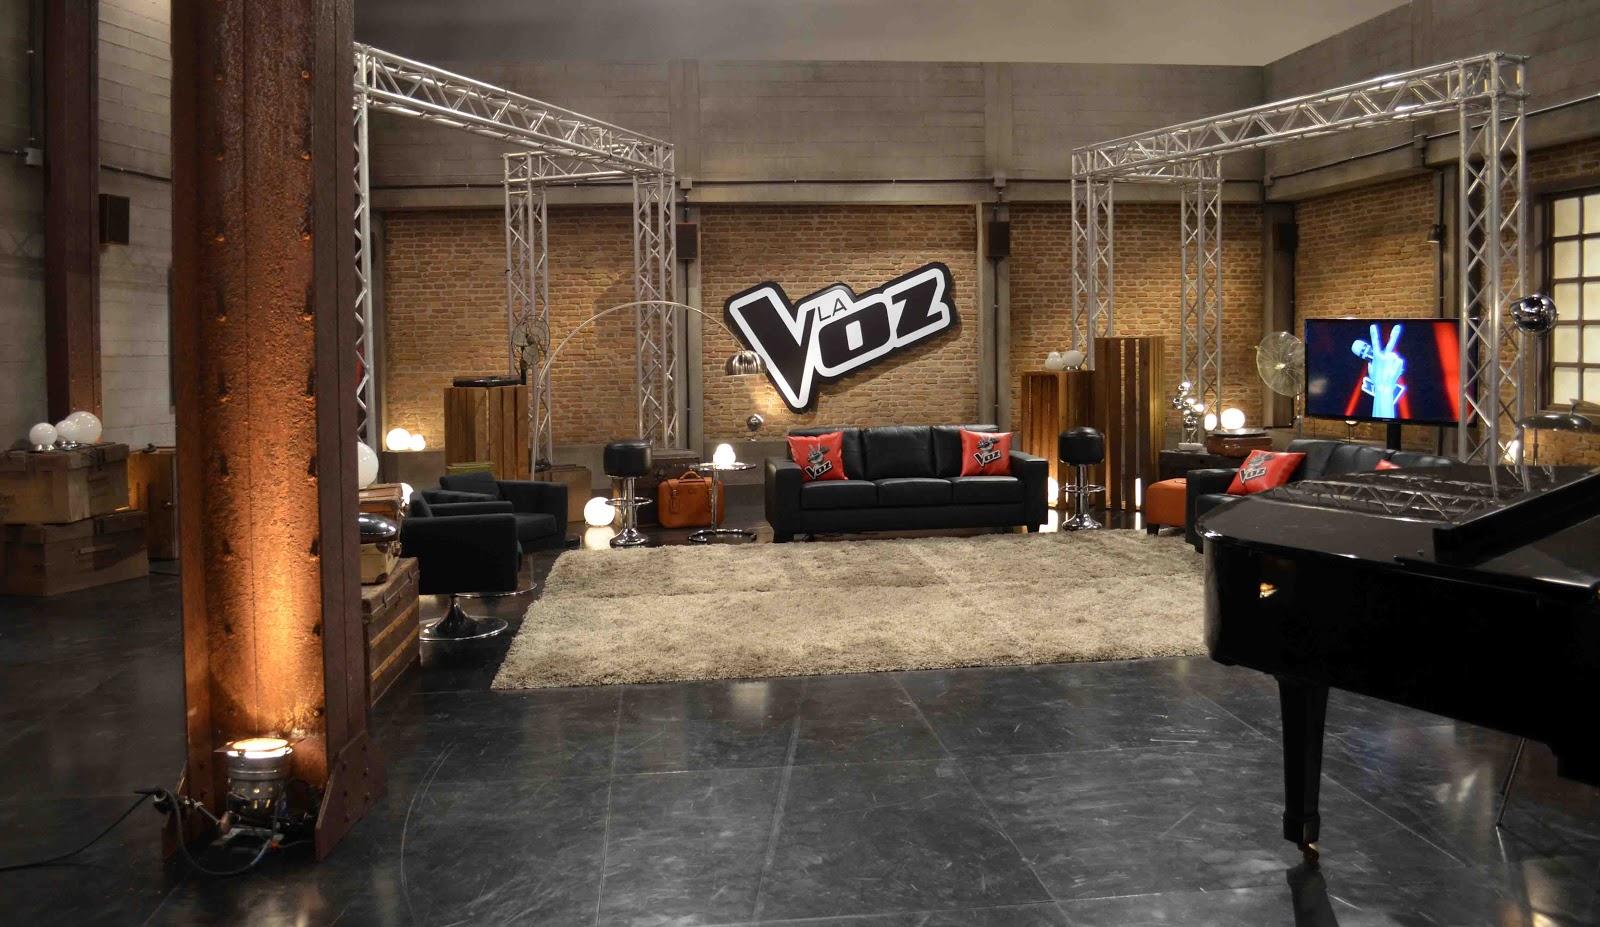 La Voz Primeros Bocetos David Temprano -> Sala De Ensayo Tv Rosario